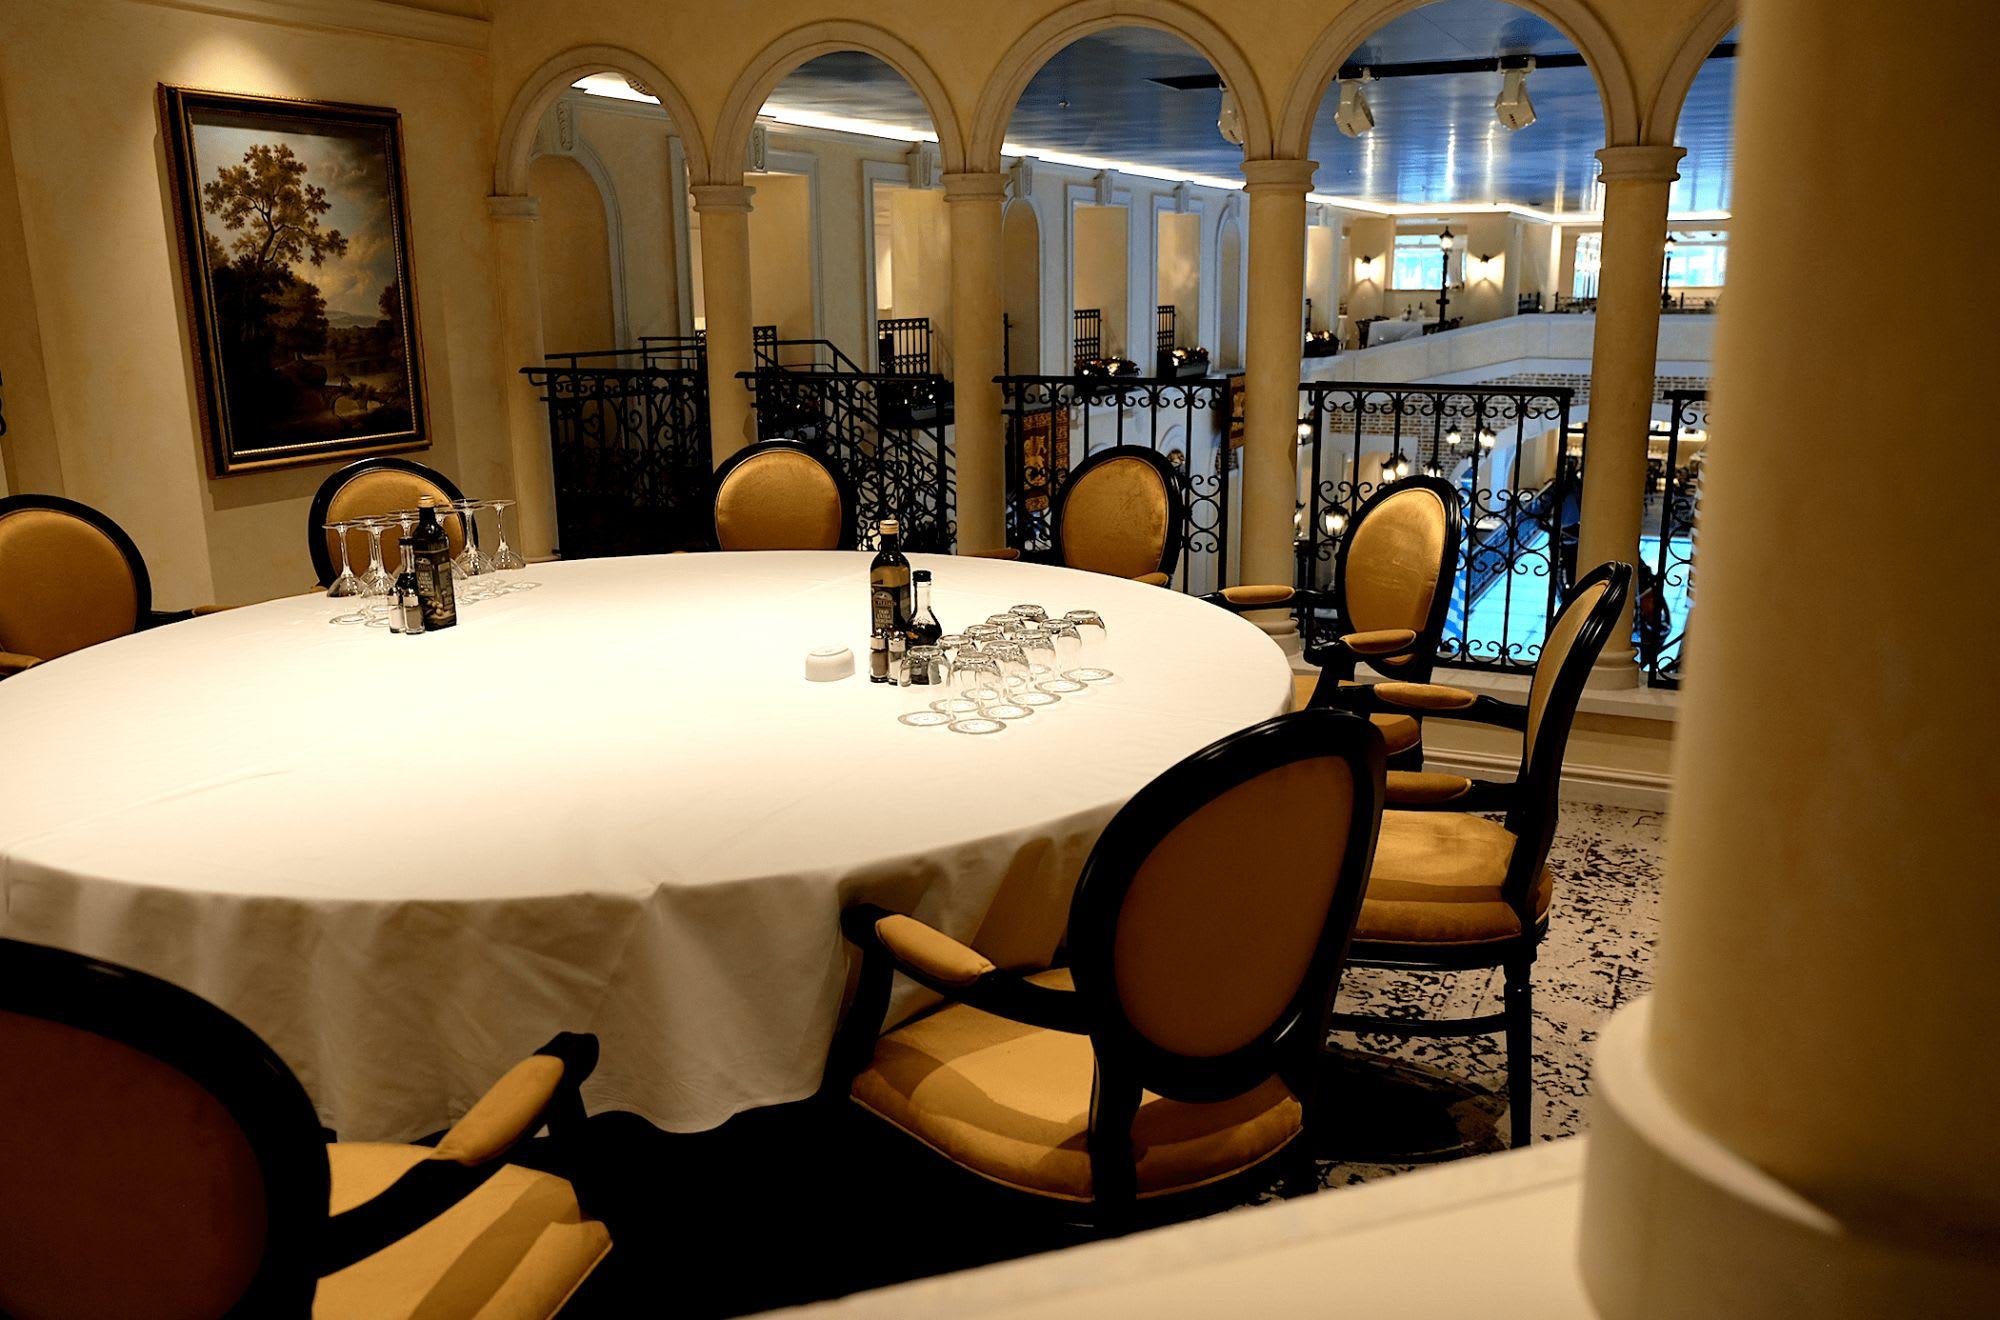 ポーチ席のような雰囲気の素敵なテーブル